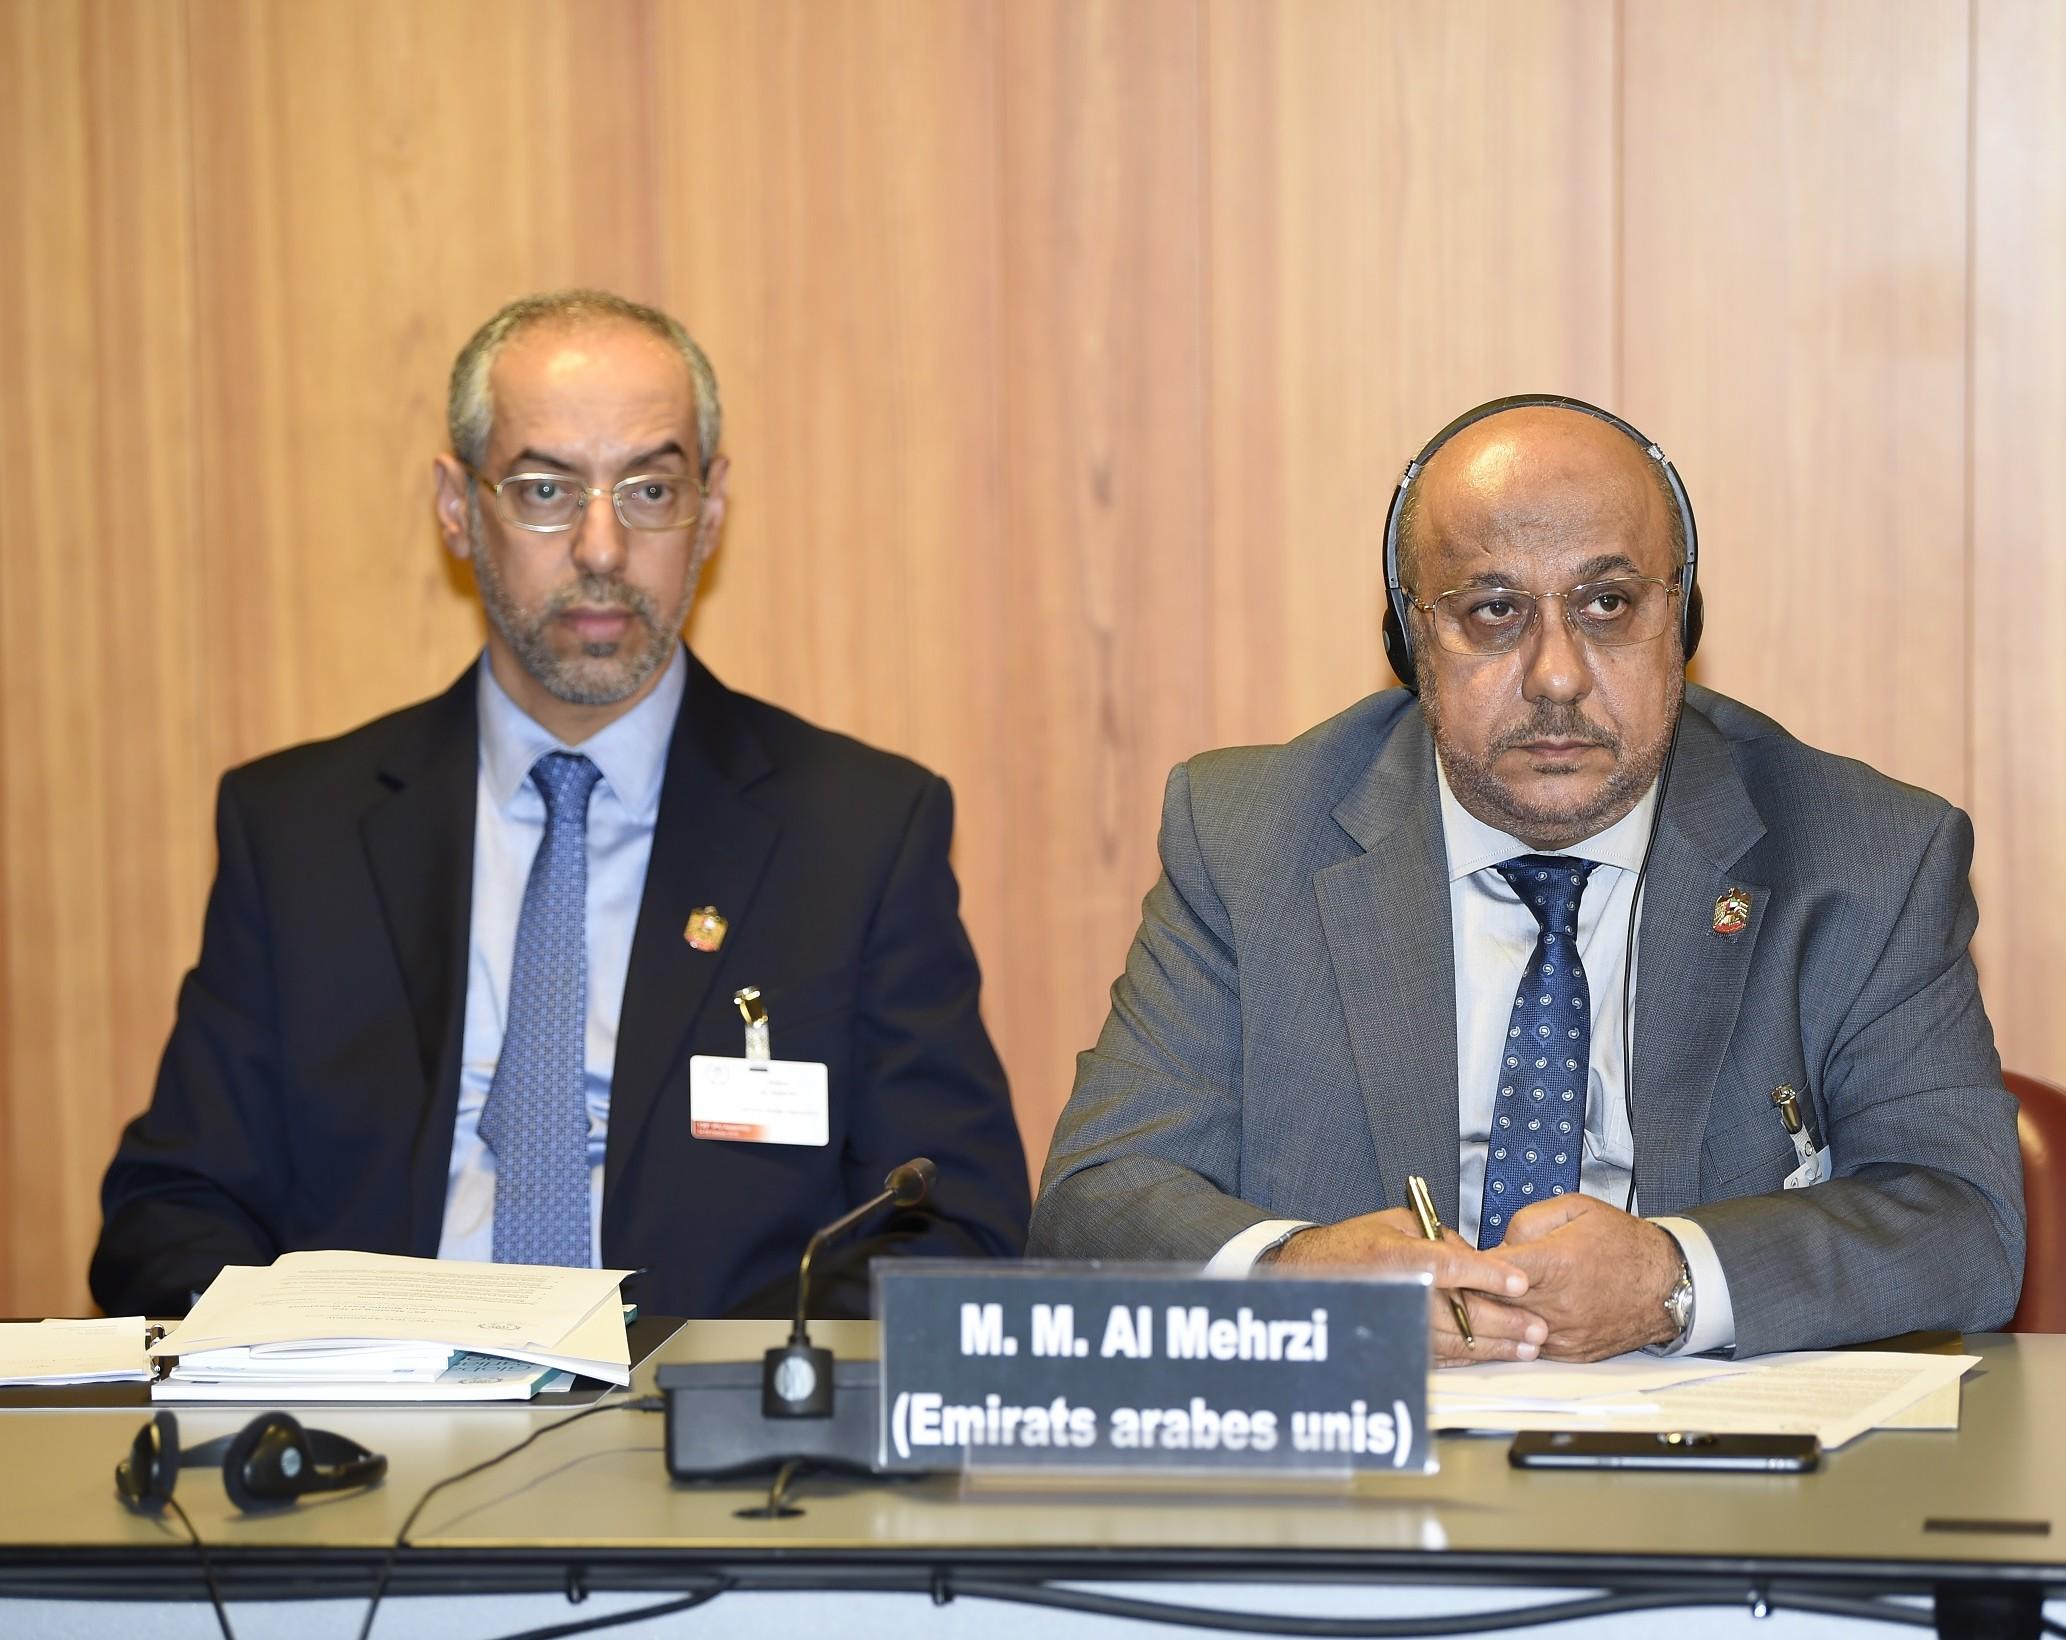 محمد عبدالله المحرزي عضو المجلس الوطني الاتحادي الاماراتي